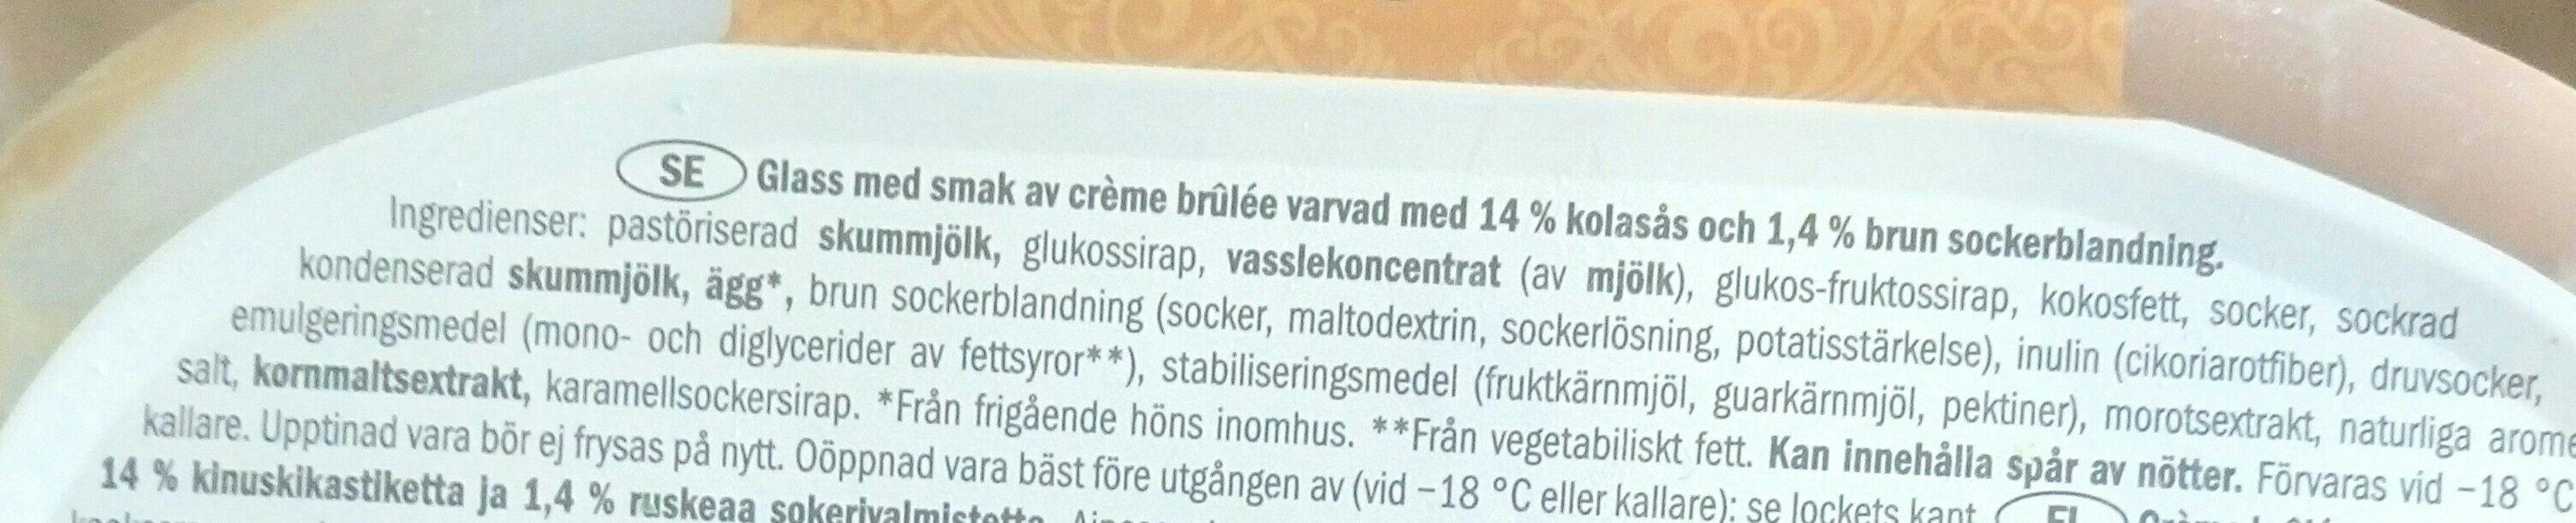 Noblissima Creme Brulee - Ingrédients - fr